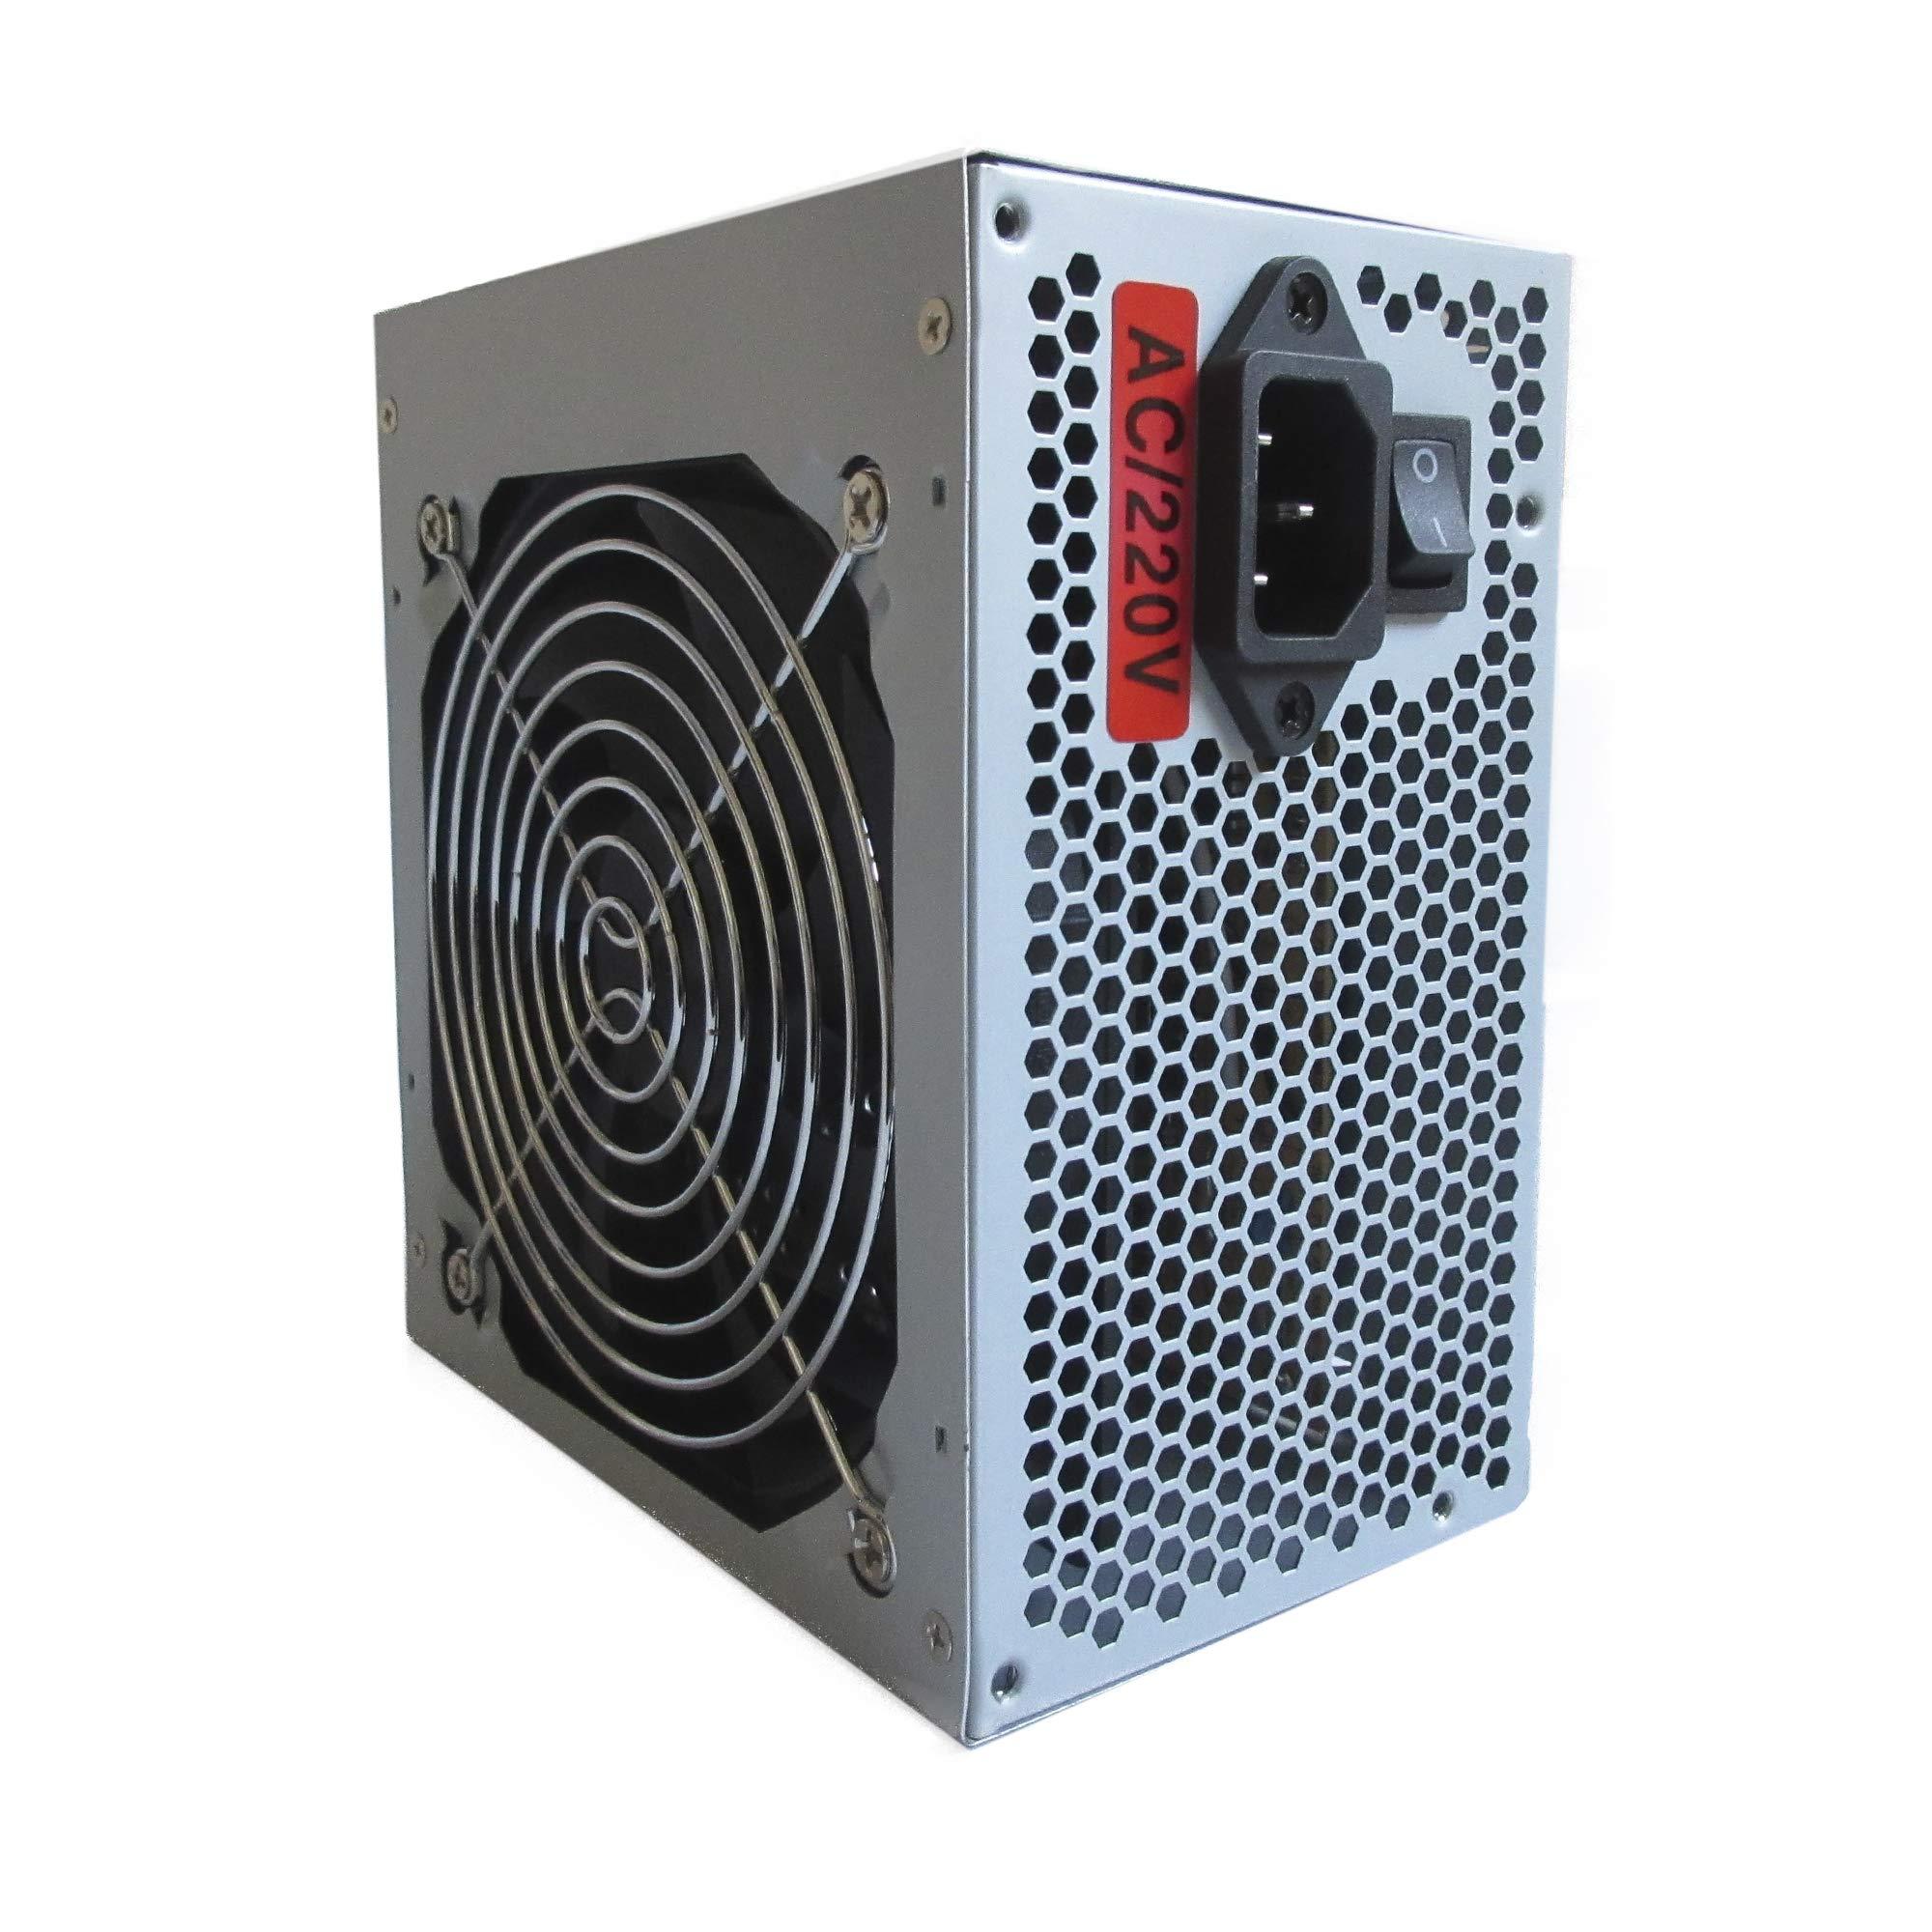 Hiditec SX 500W - Fuente de alimentación (500 W, 115-230 V, 50-60 Hz, ATX, 2 conectores SATA, 2 conectores MOLEX, Ventilador silencioso de 120mm) negro: Amazon.es: Informática